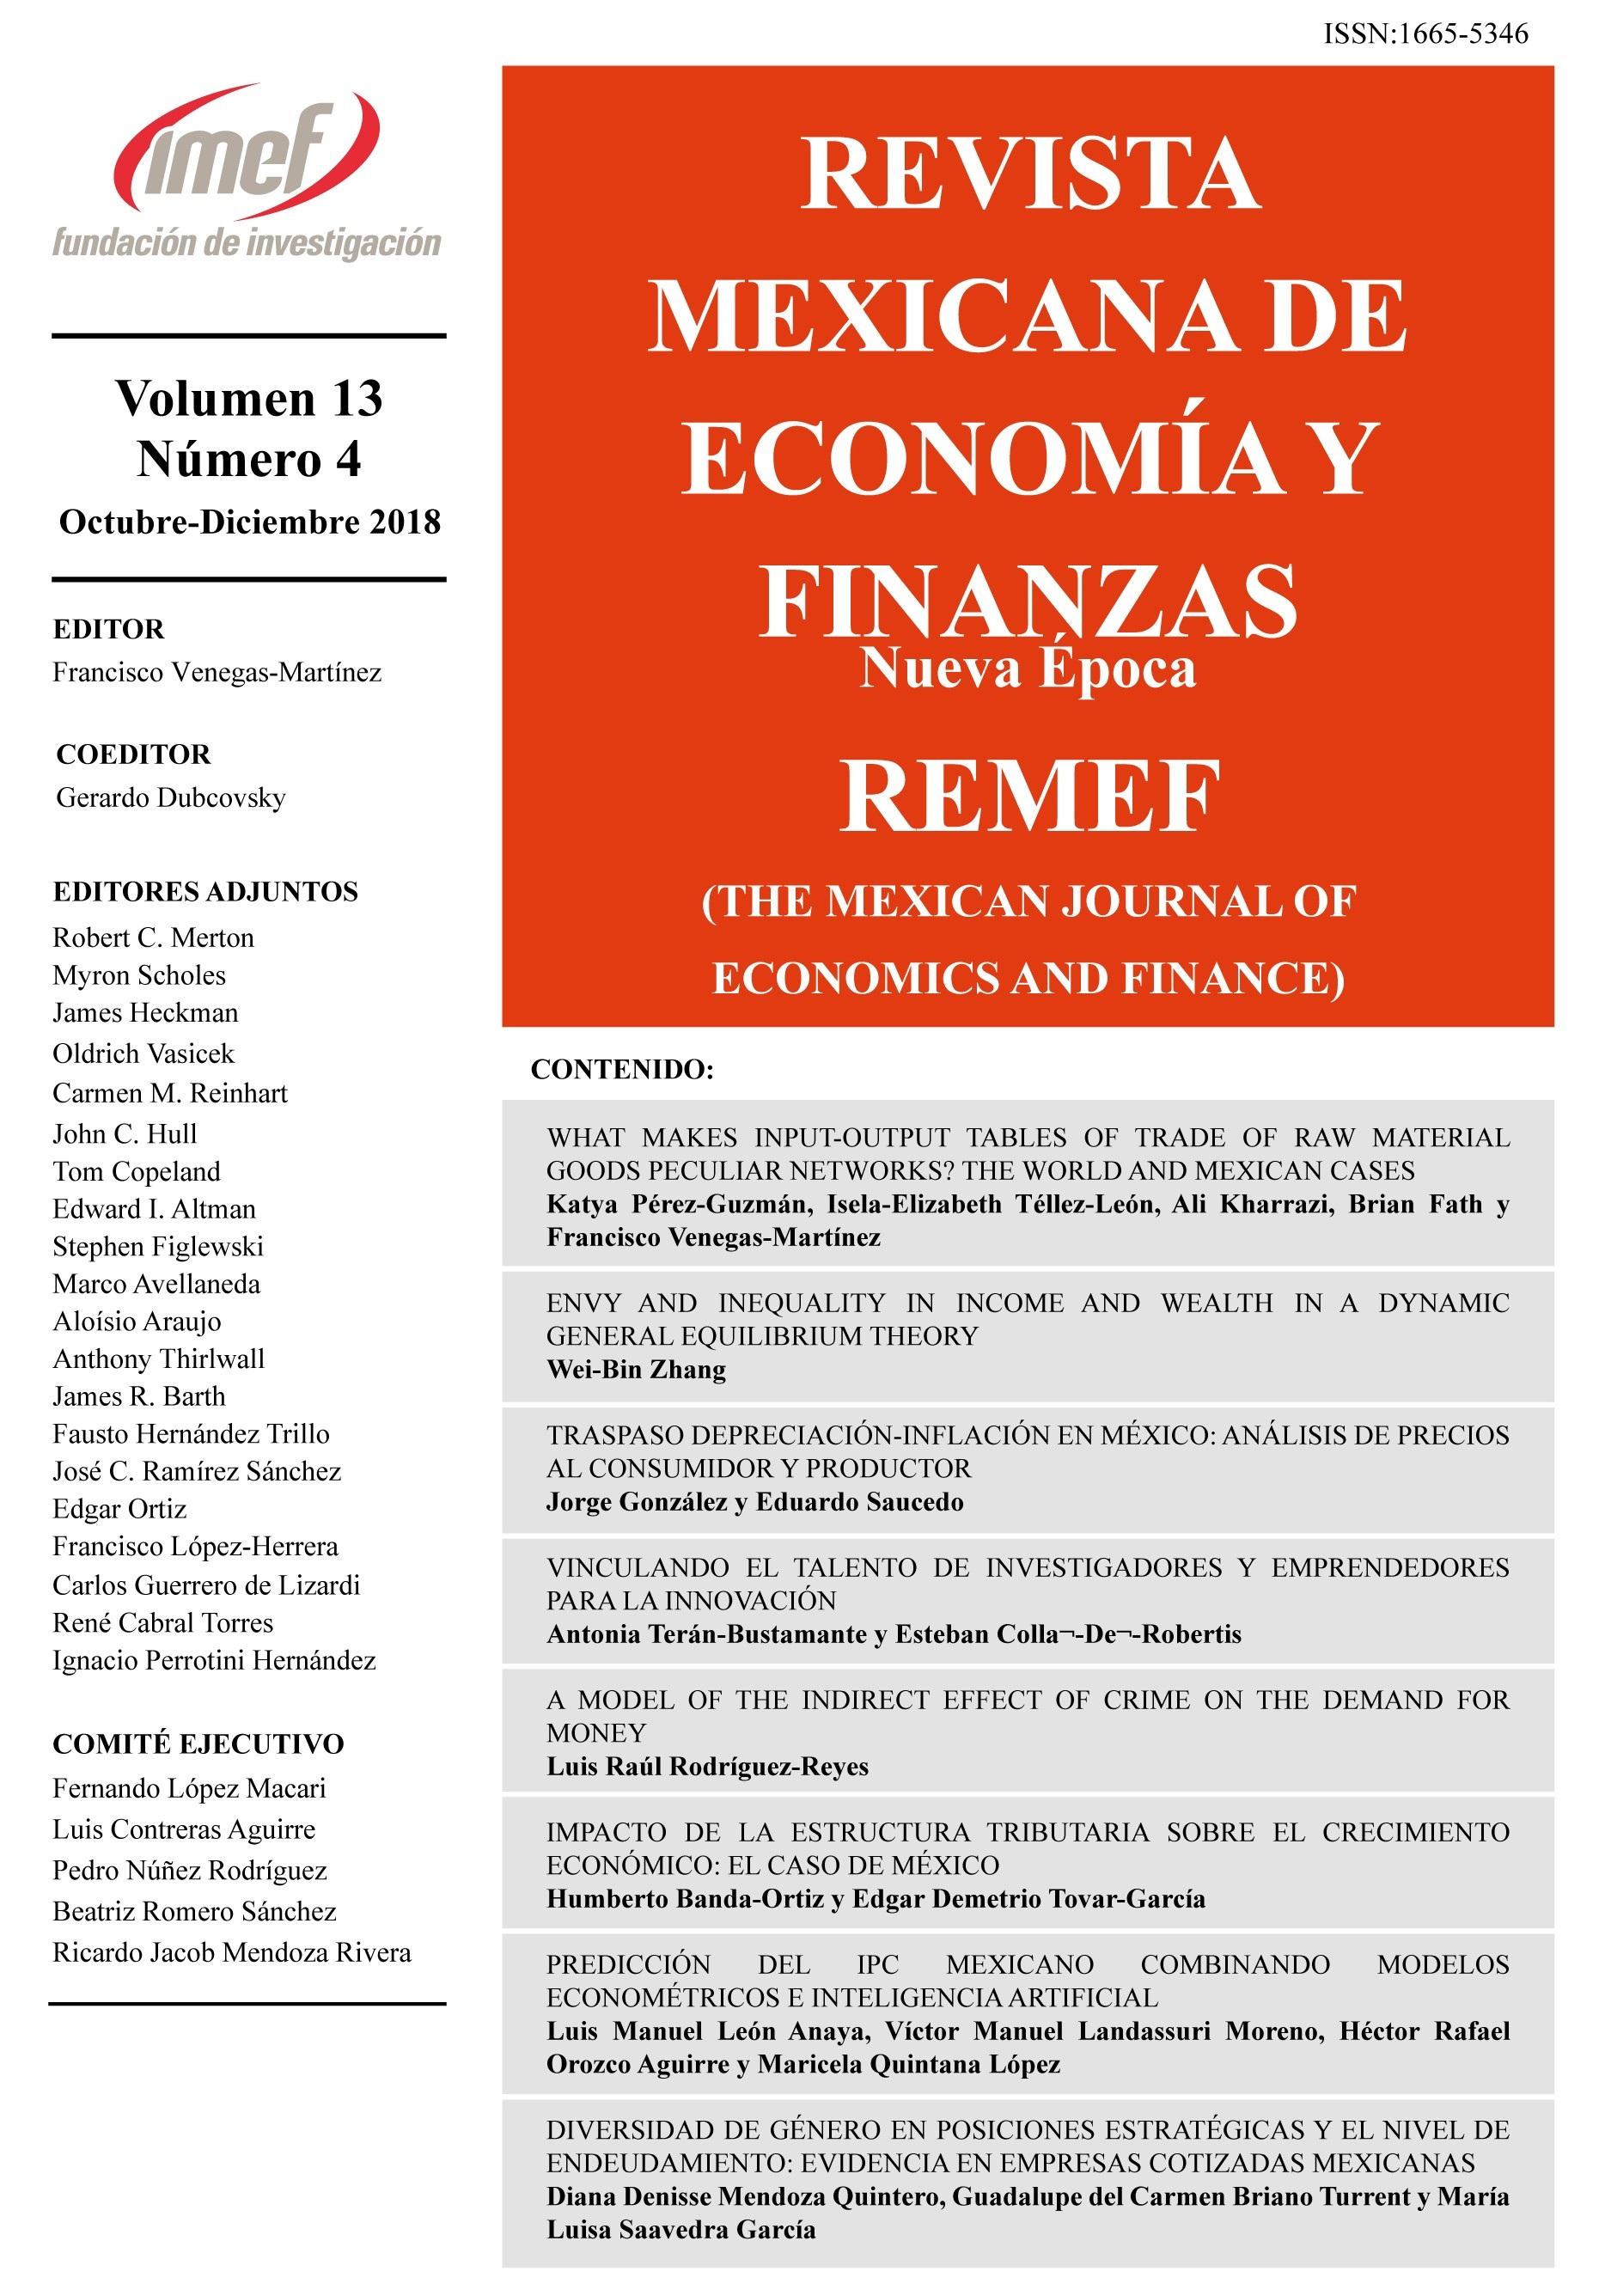 REMEF Vol. 13 No. 4